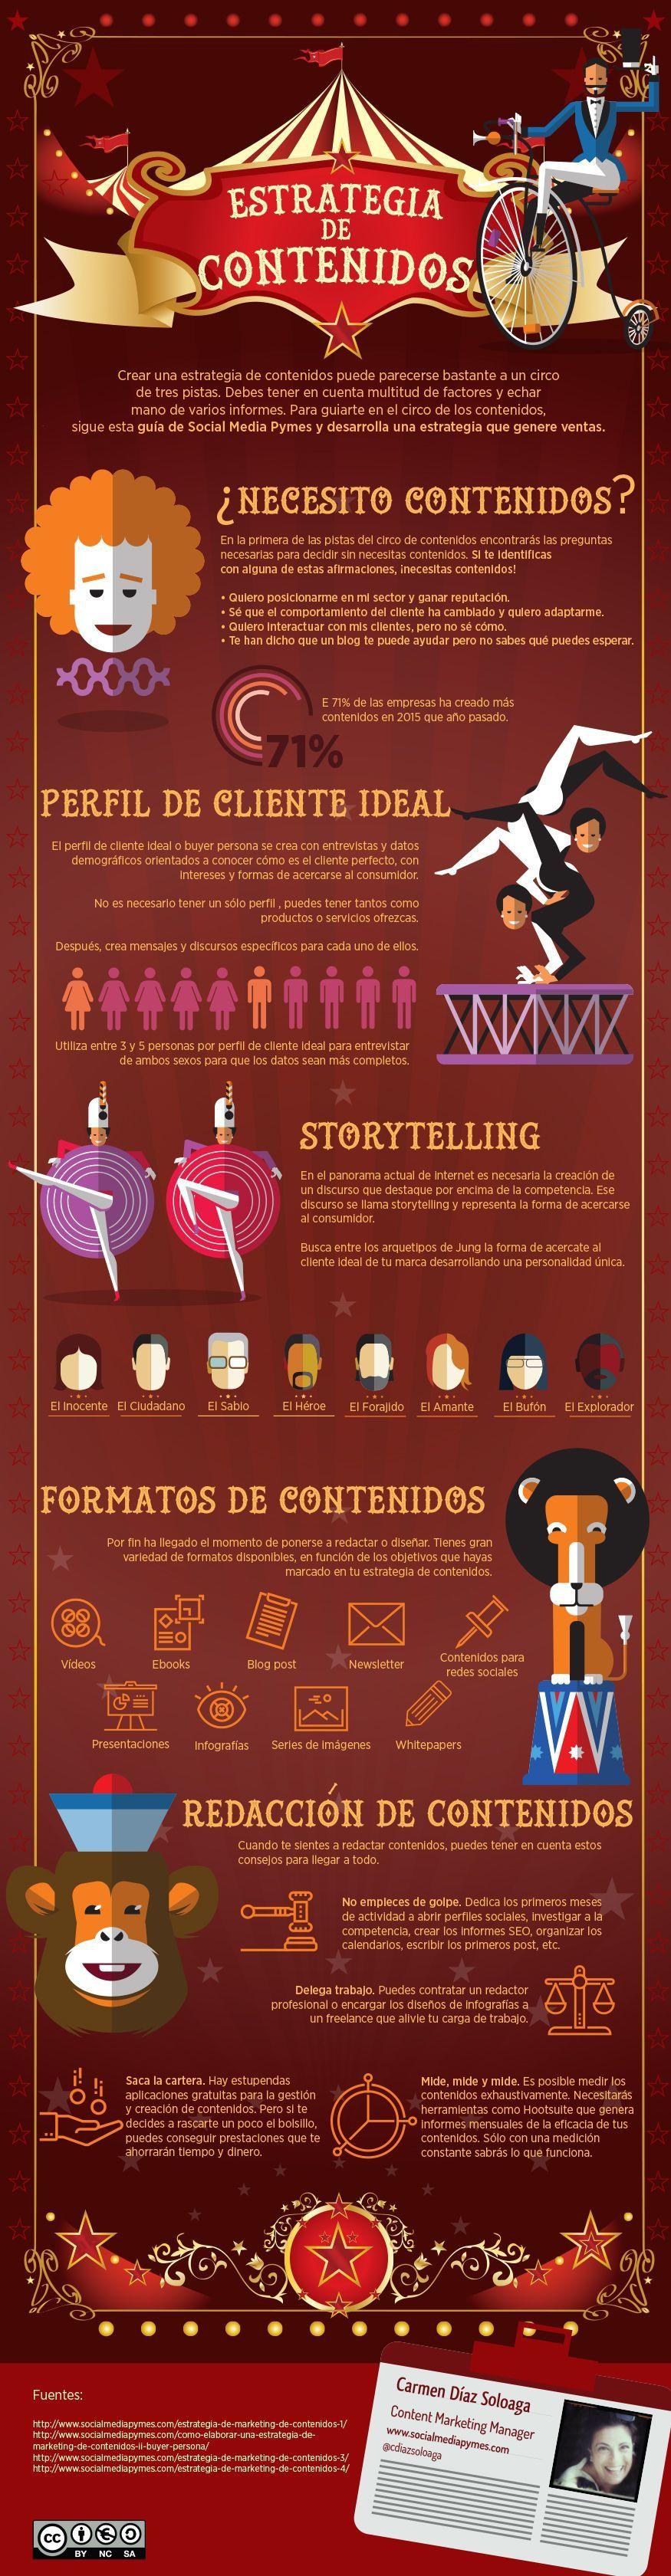 Infografía sobre cómo crear una estrategia de contenidos.